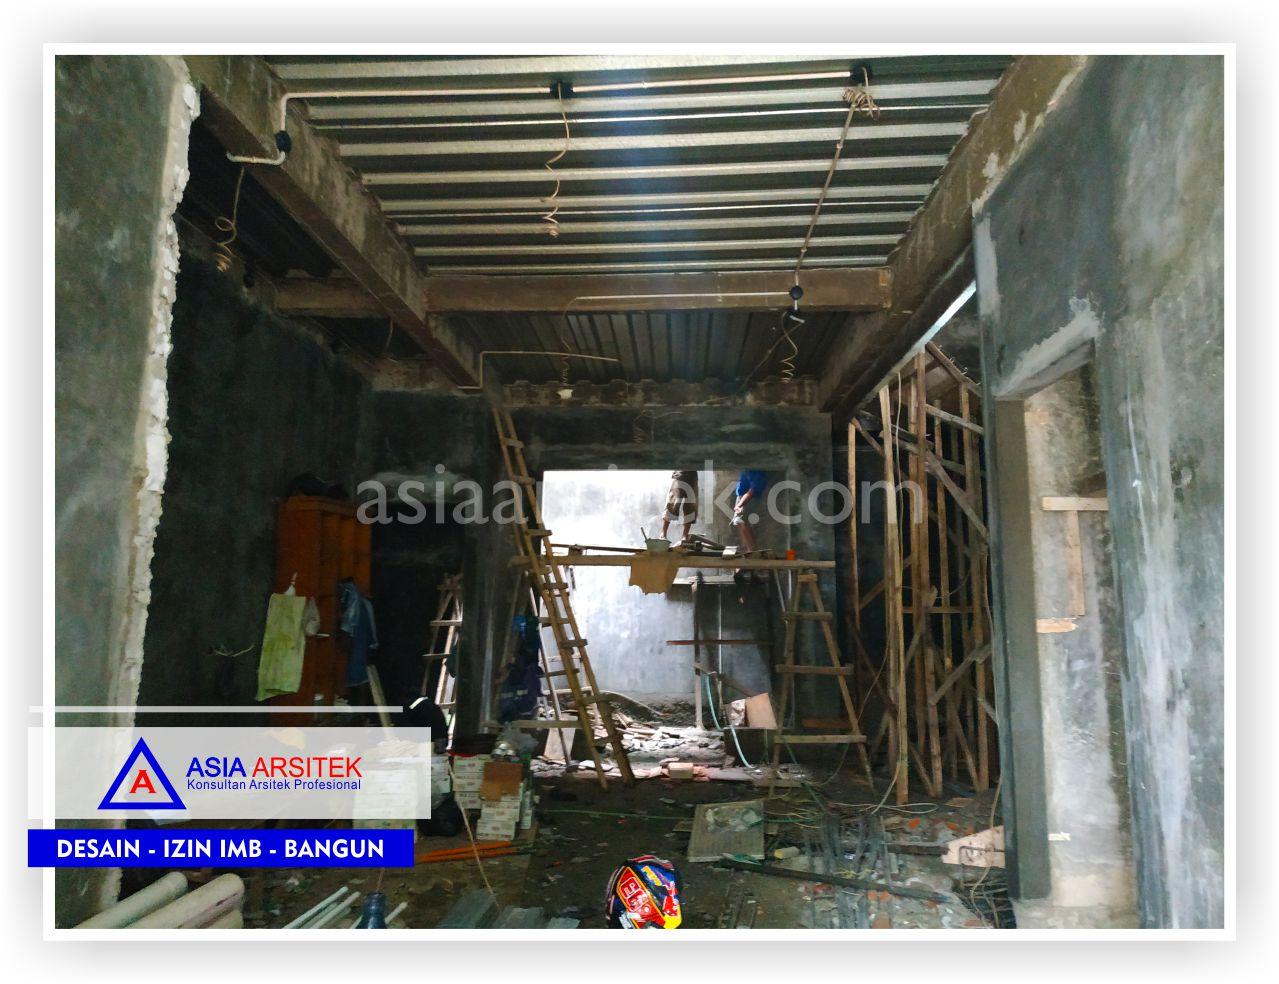 Persiapan Pemasangan Rangka Plafon Rumah Bpk Willy - Arsitek Desain Rumah Tropis Modern Di Tangerang-Jakarta-Bogor-Bekasi-Bandung-Jasa Konsultan Desain Arsitek Profesional (1)